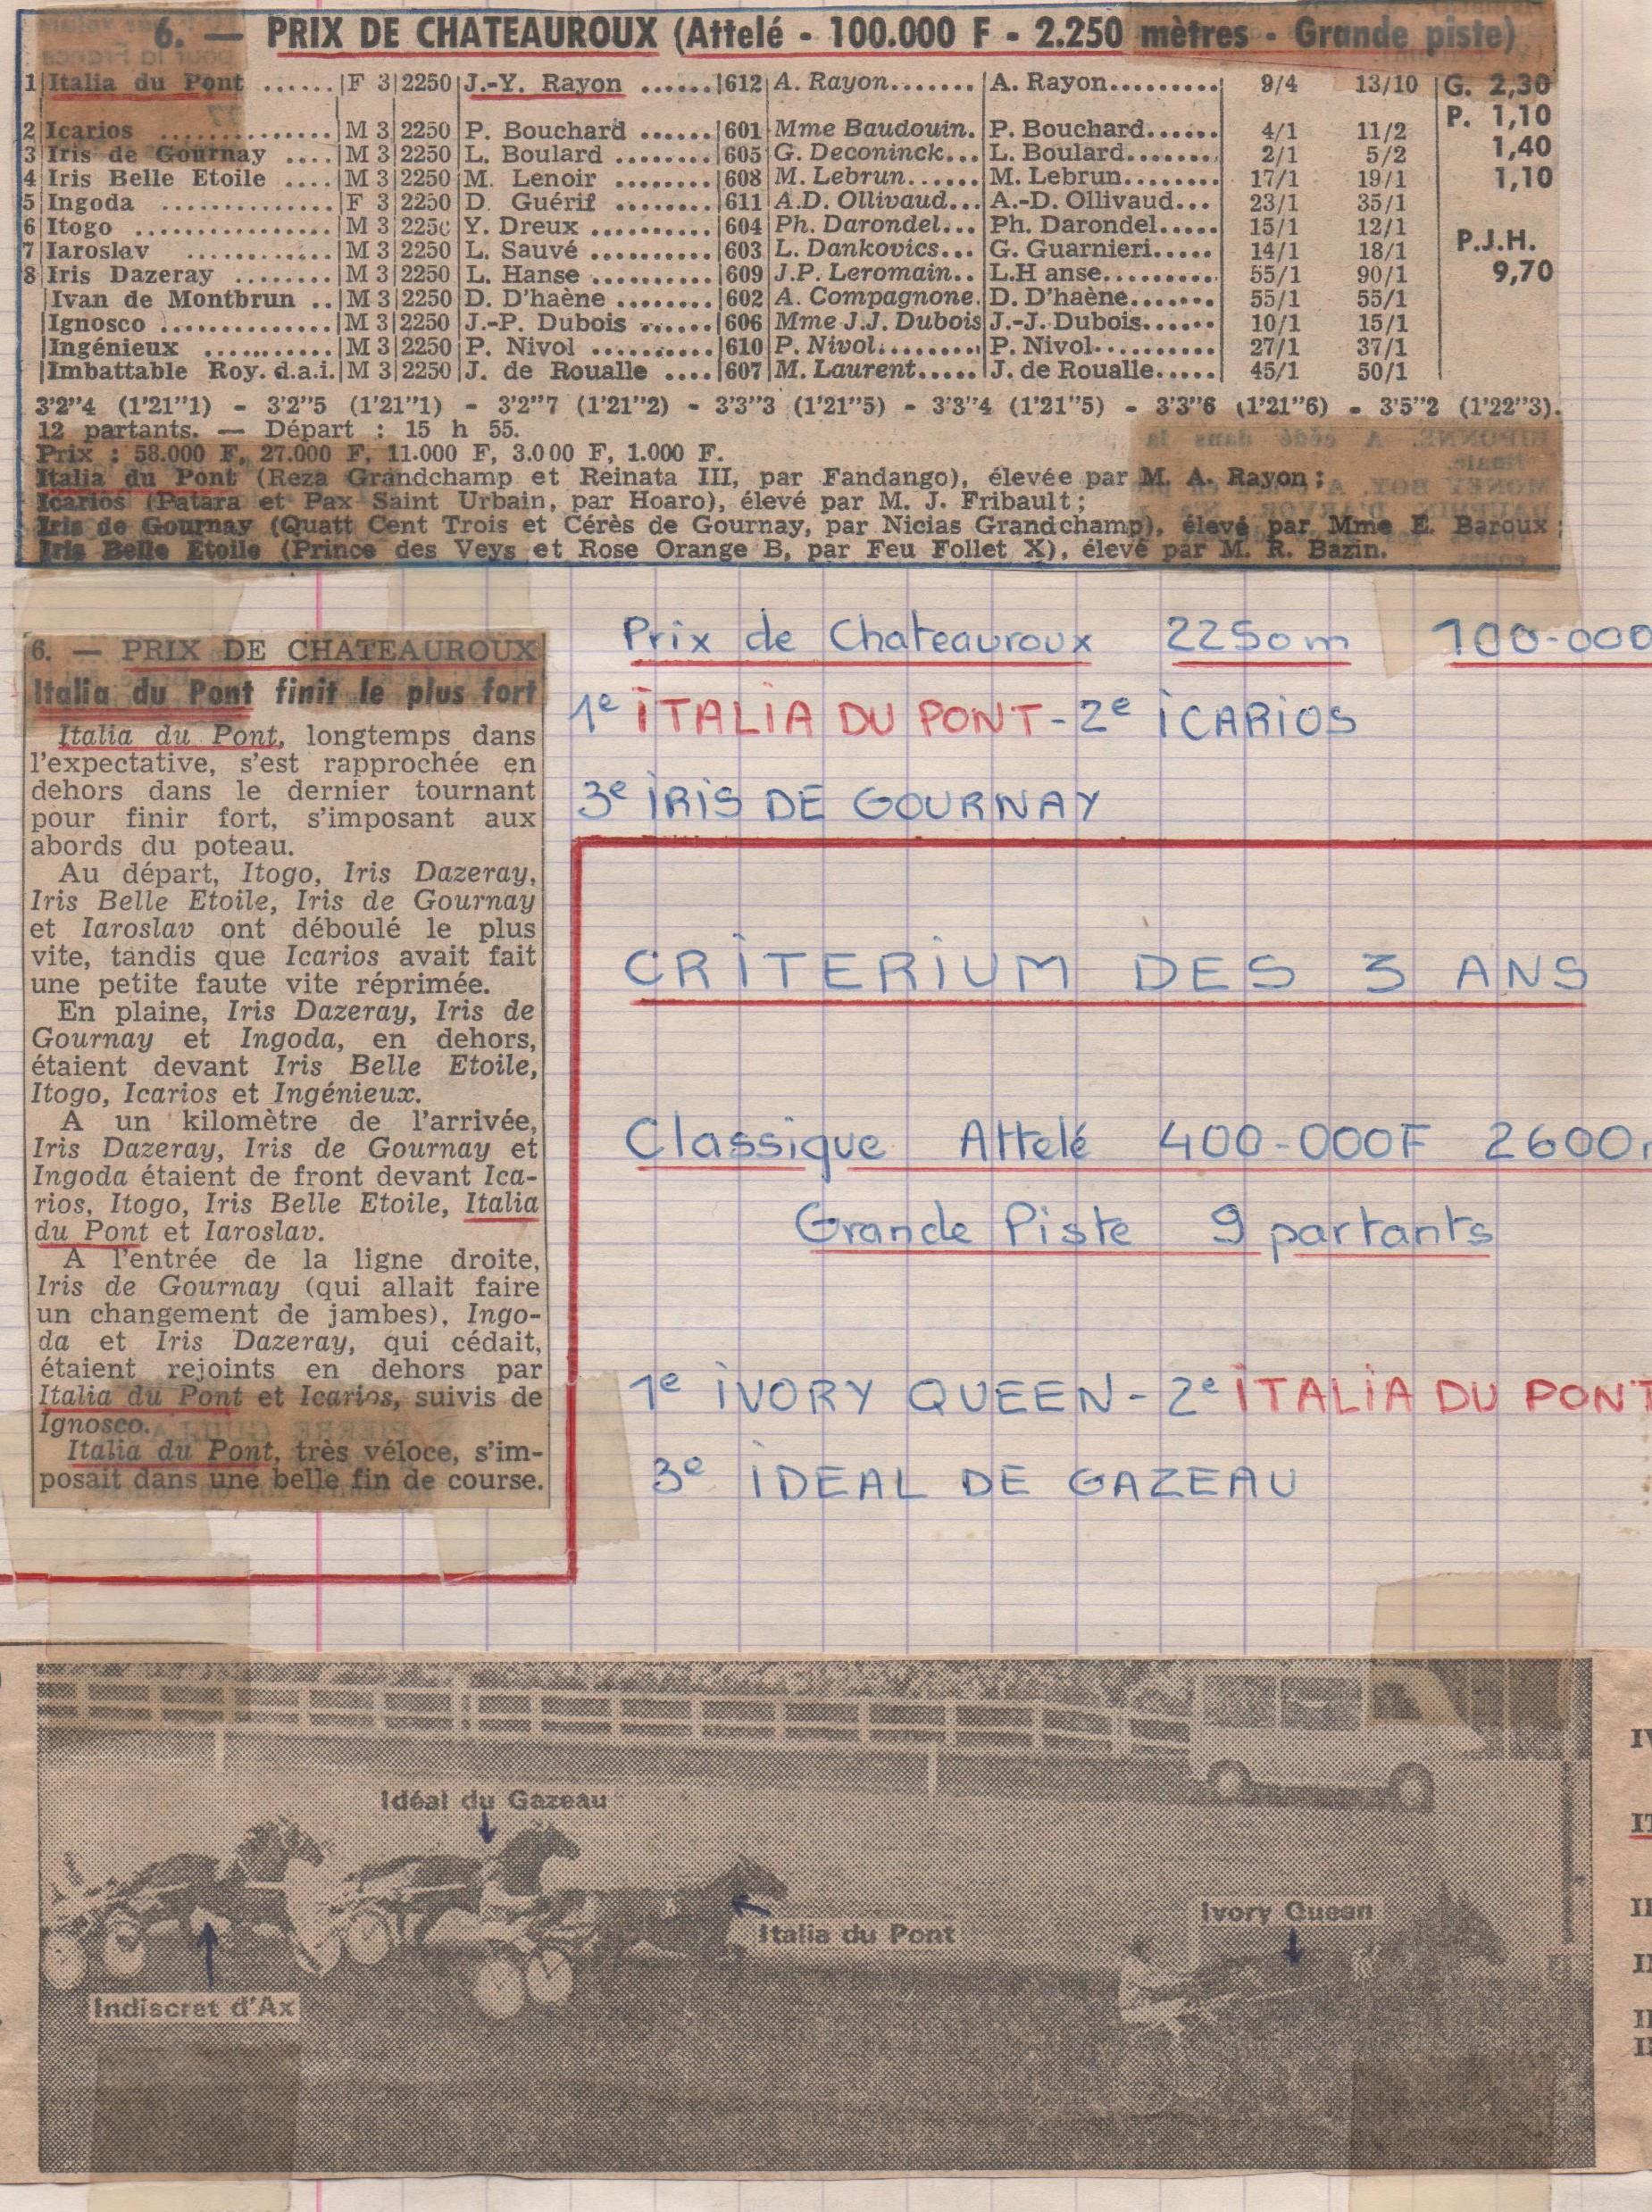 1977 Italia du Pont Criterium des 3 ans